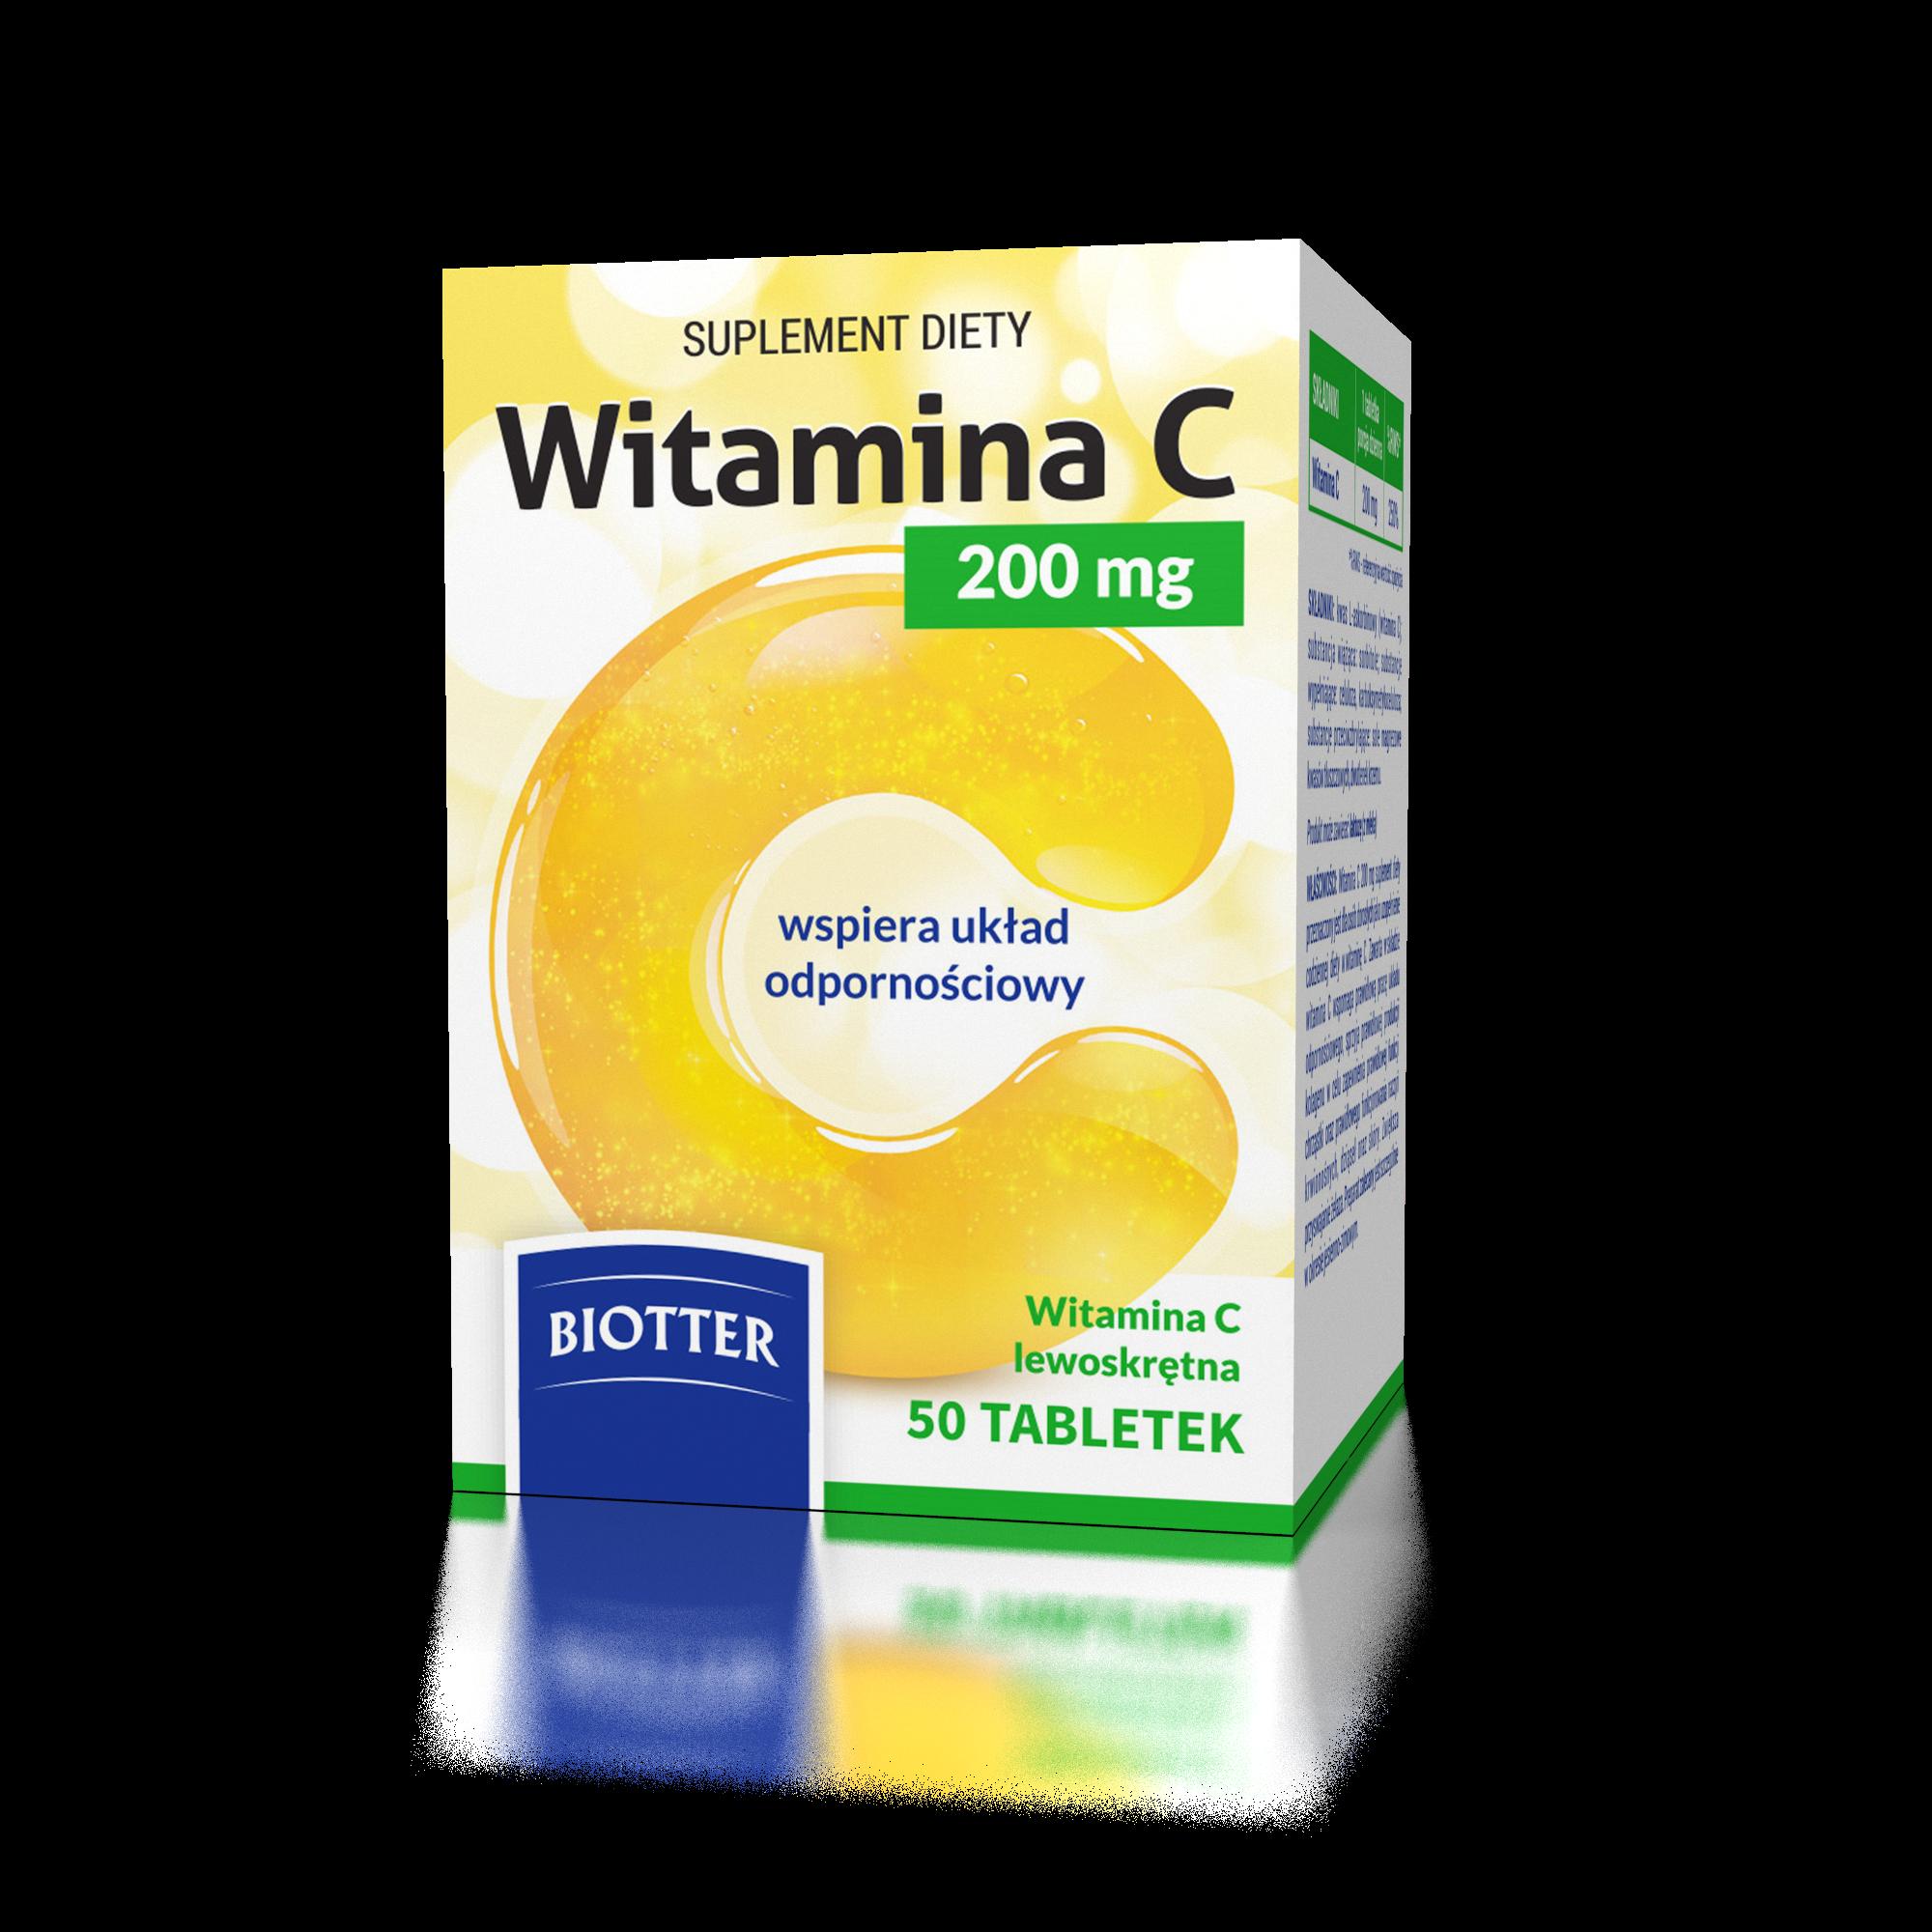 Witamina C 200 - 2016